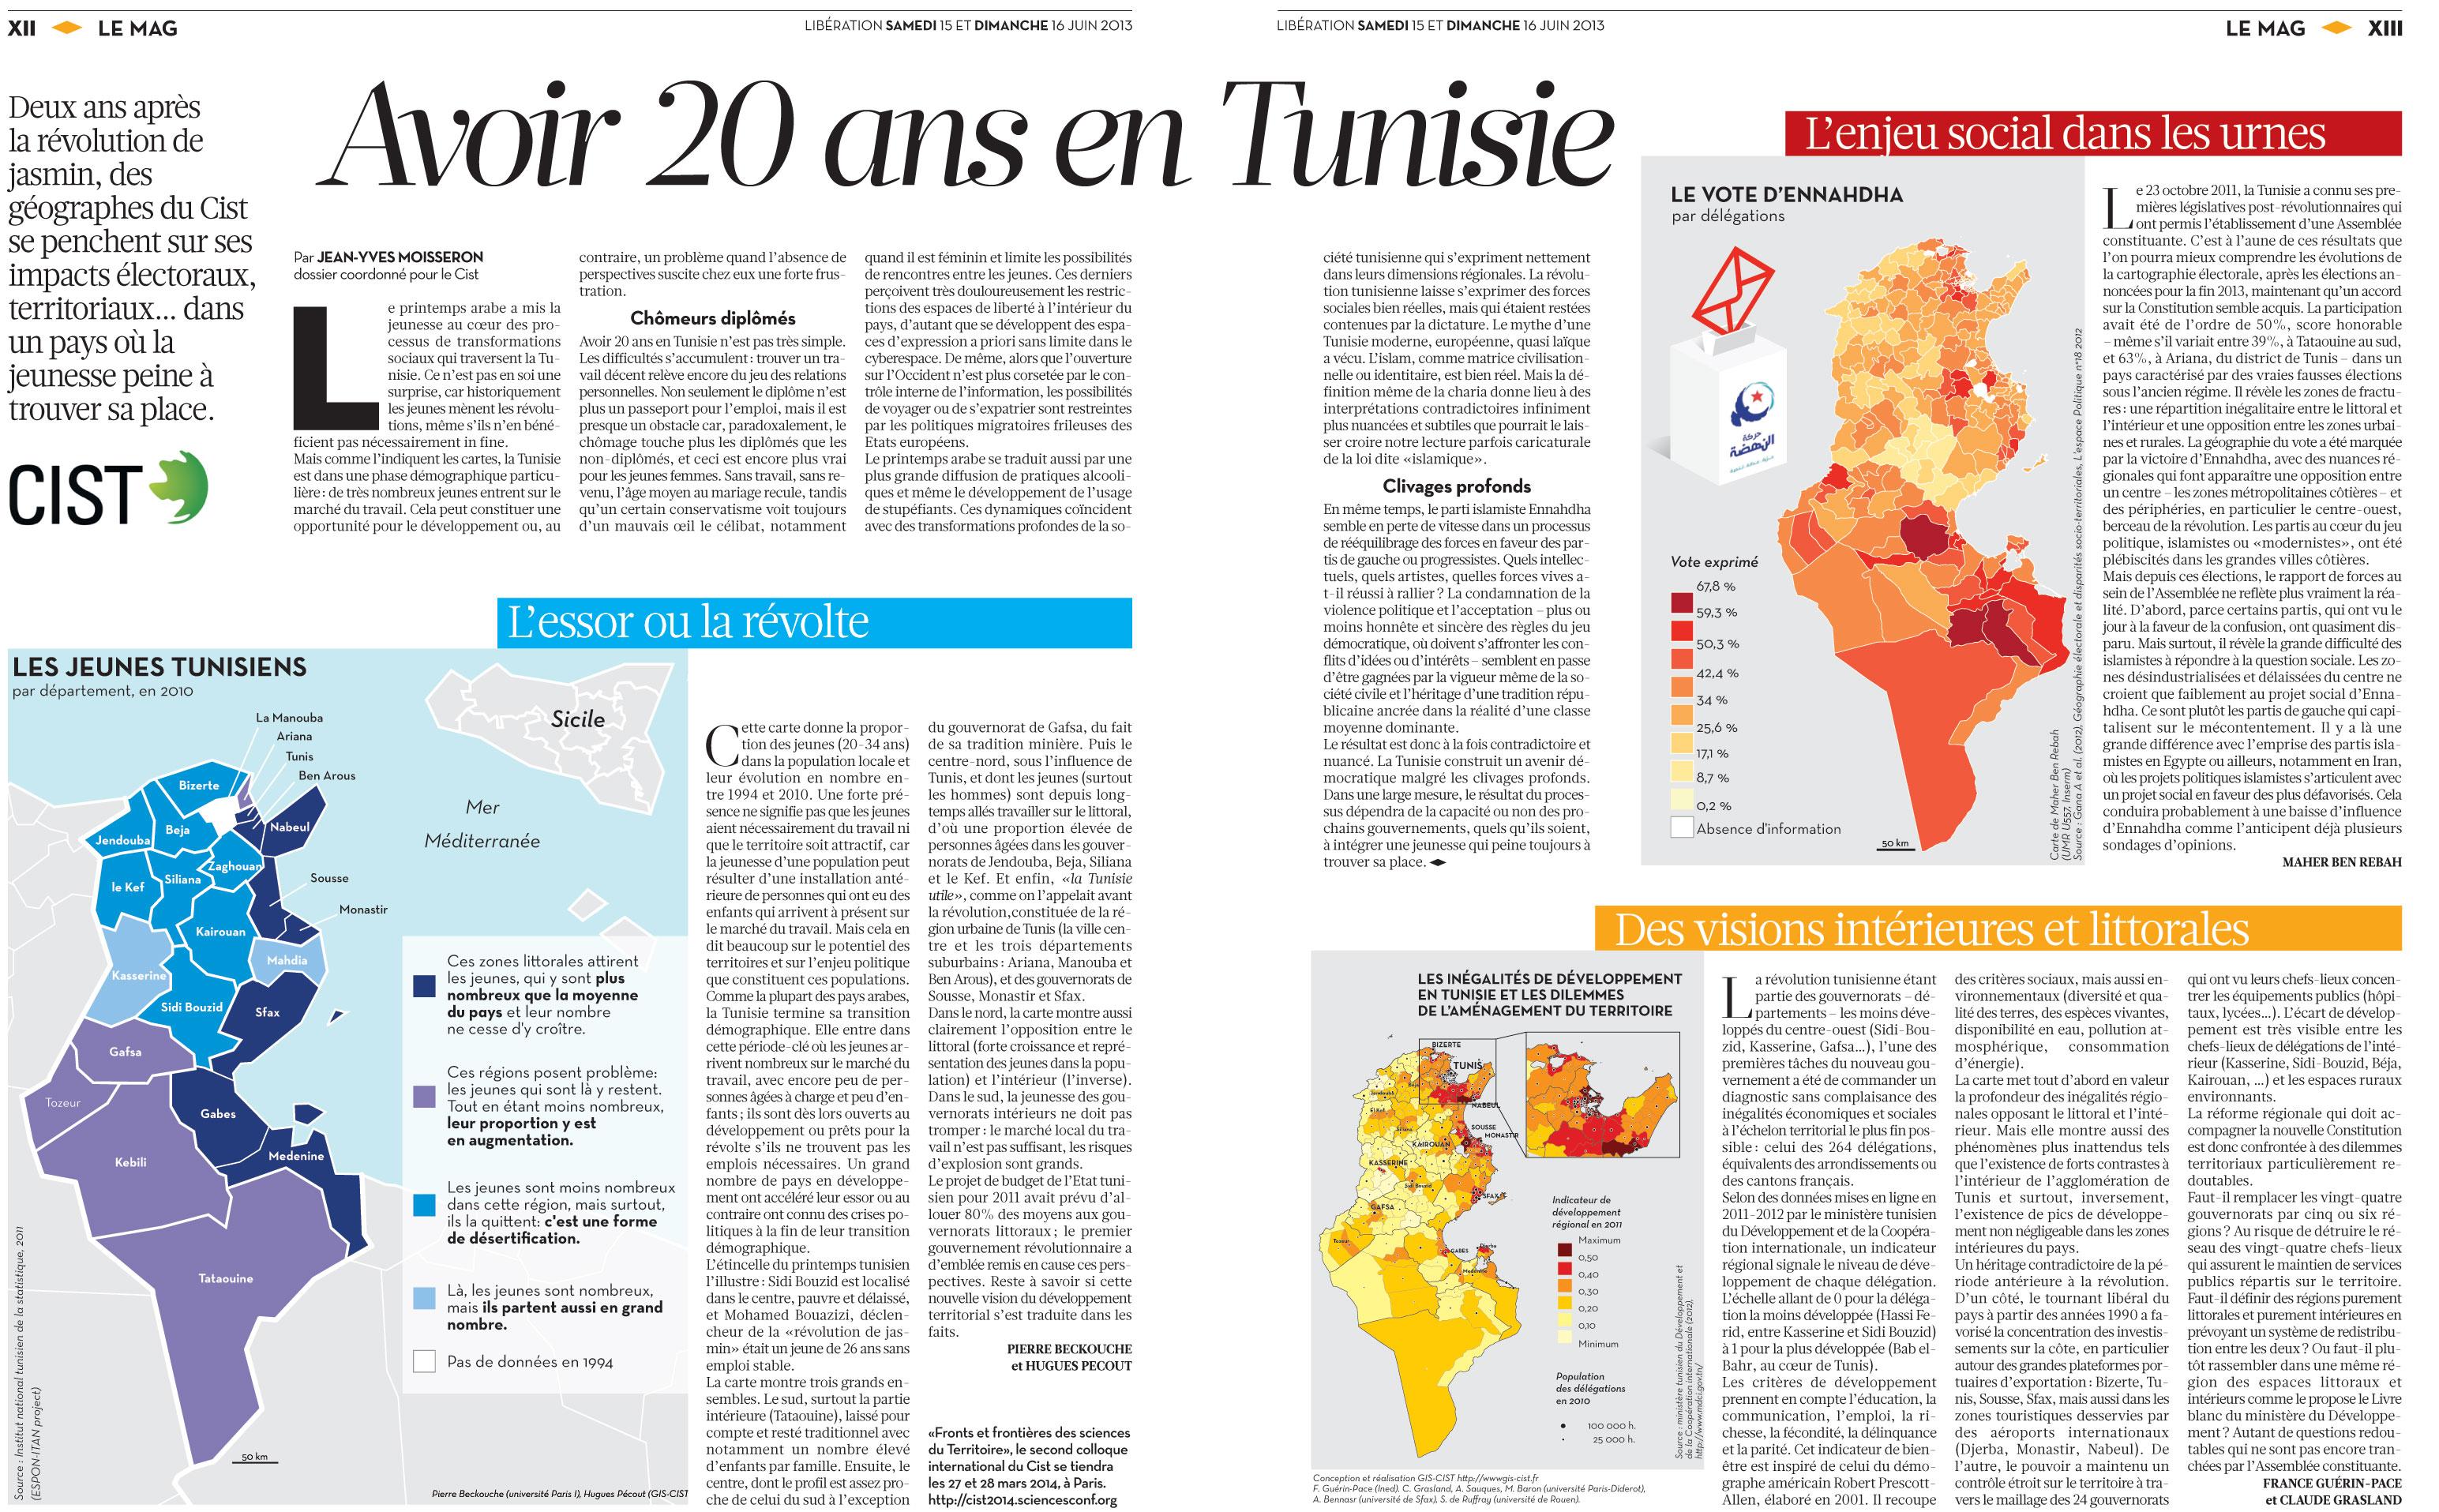 Avoir 20 ans en Tunisie, Libération, 15&16 juin 2013